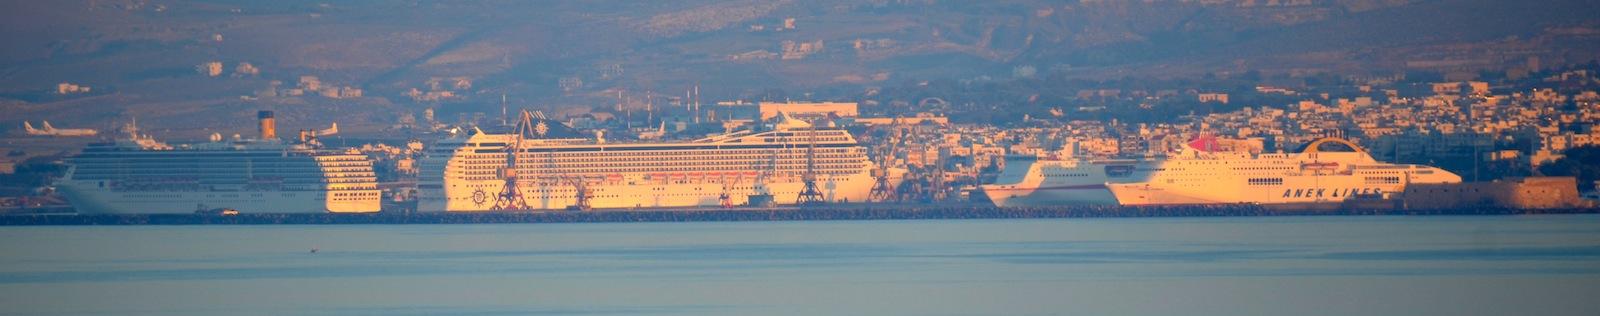 Herakleion Port